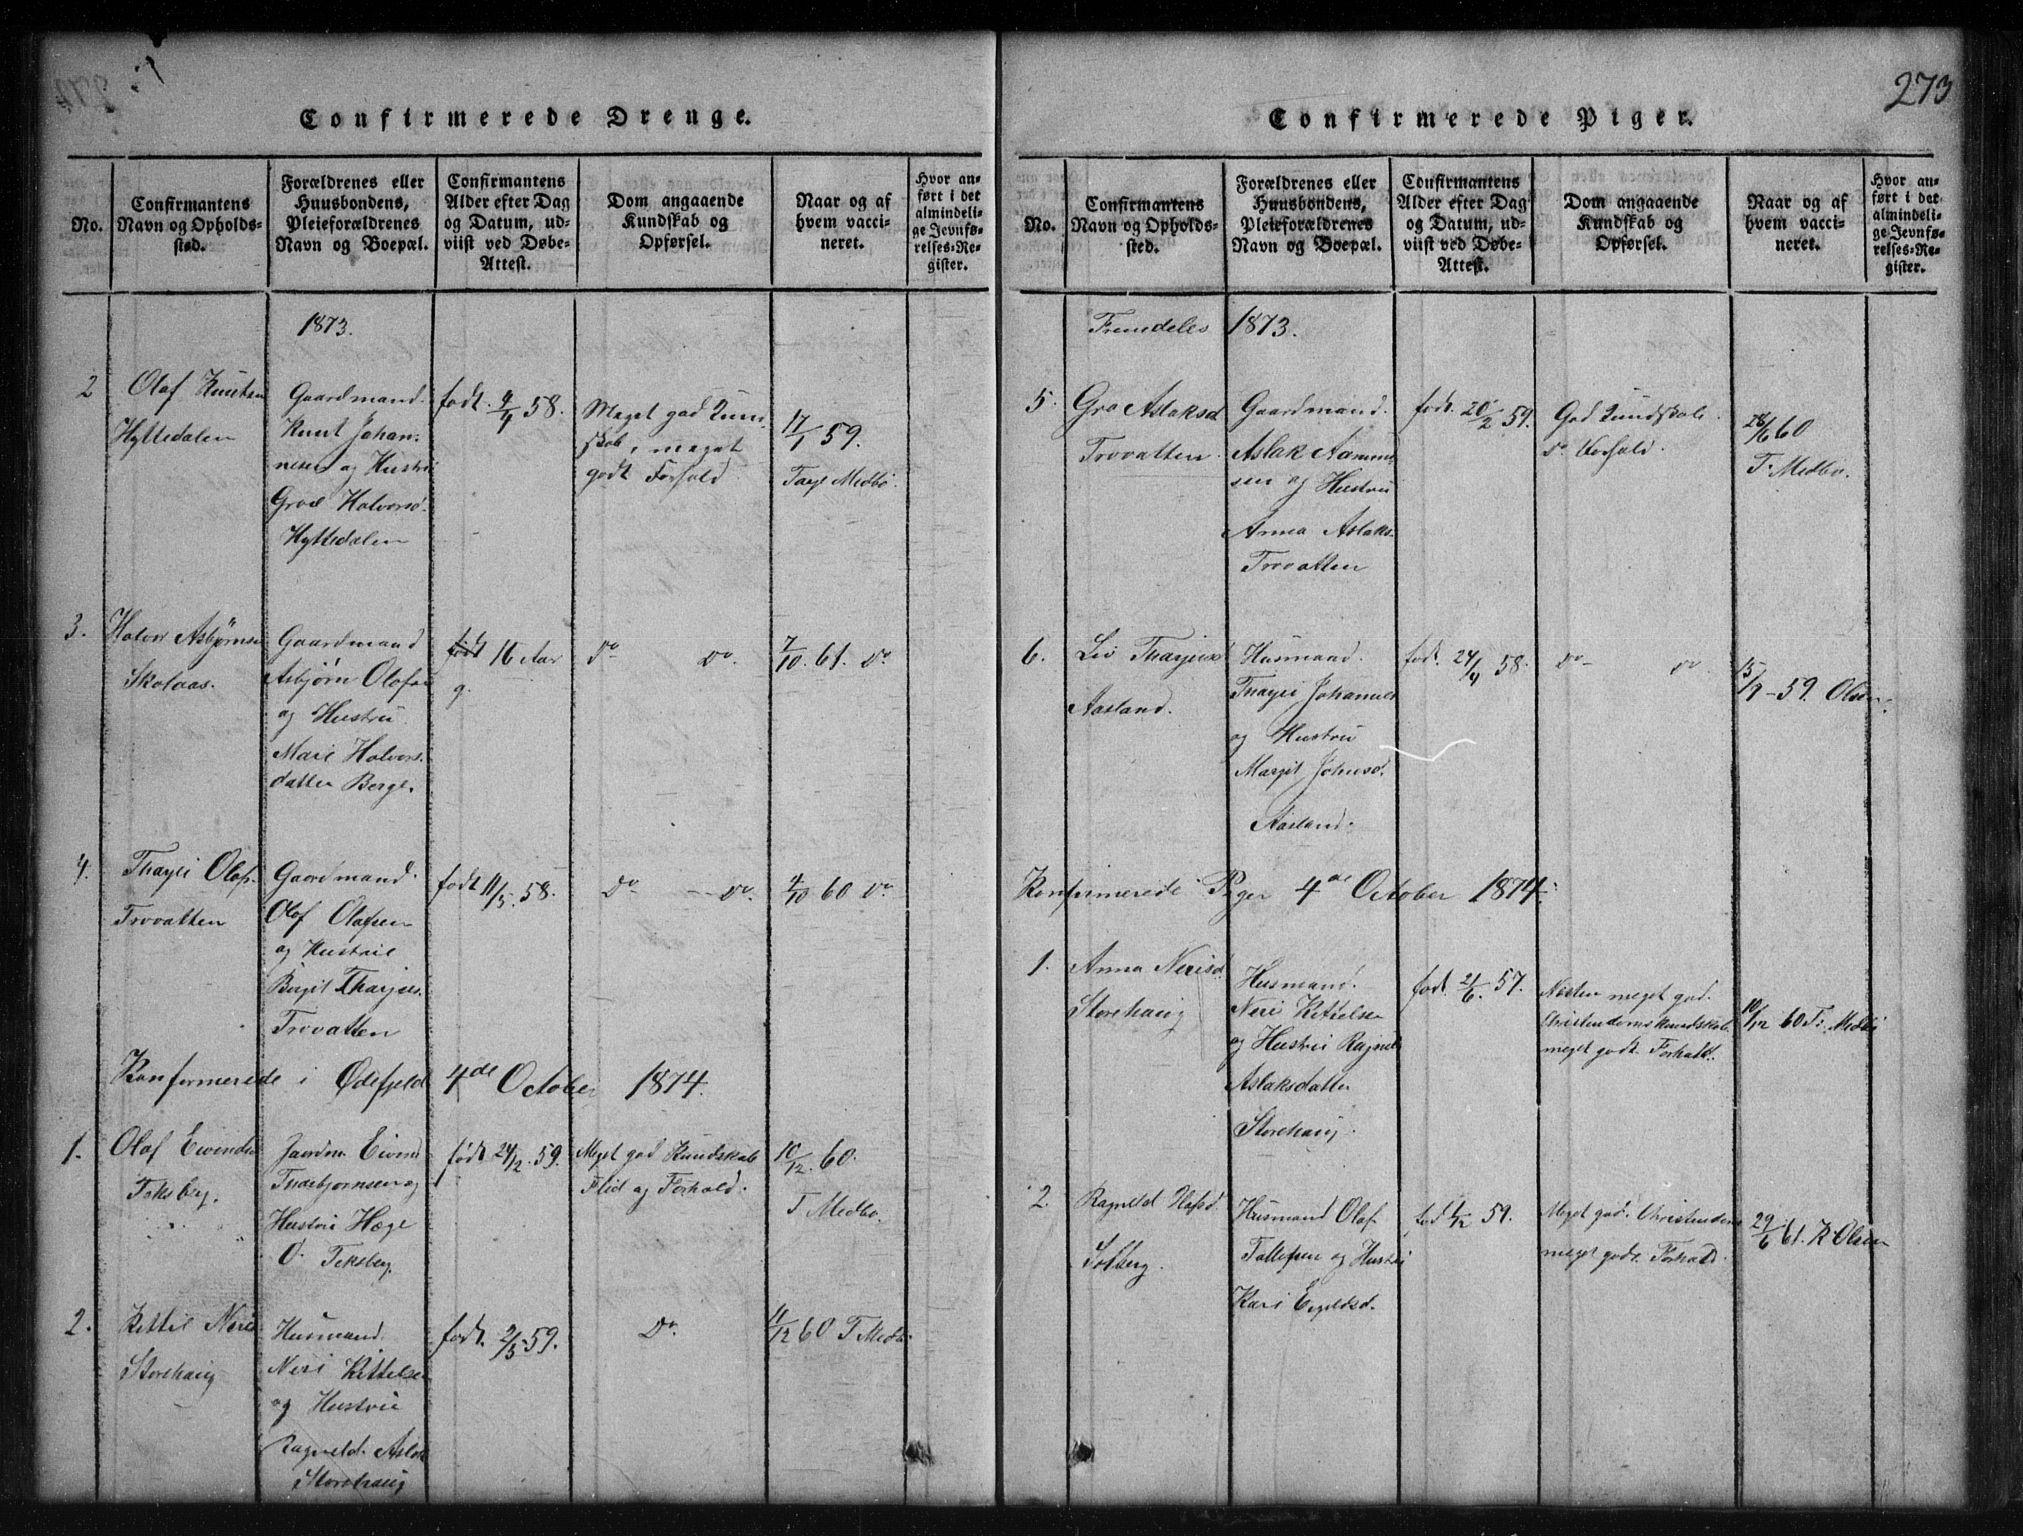 SAKO, Rauland kirkebøker, G/Gb/L0001: Klokkerbok nr. II 1, 1815-1886, s. 273